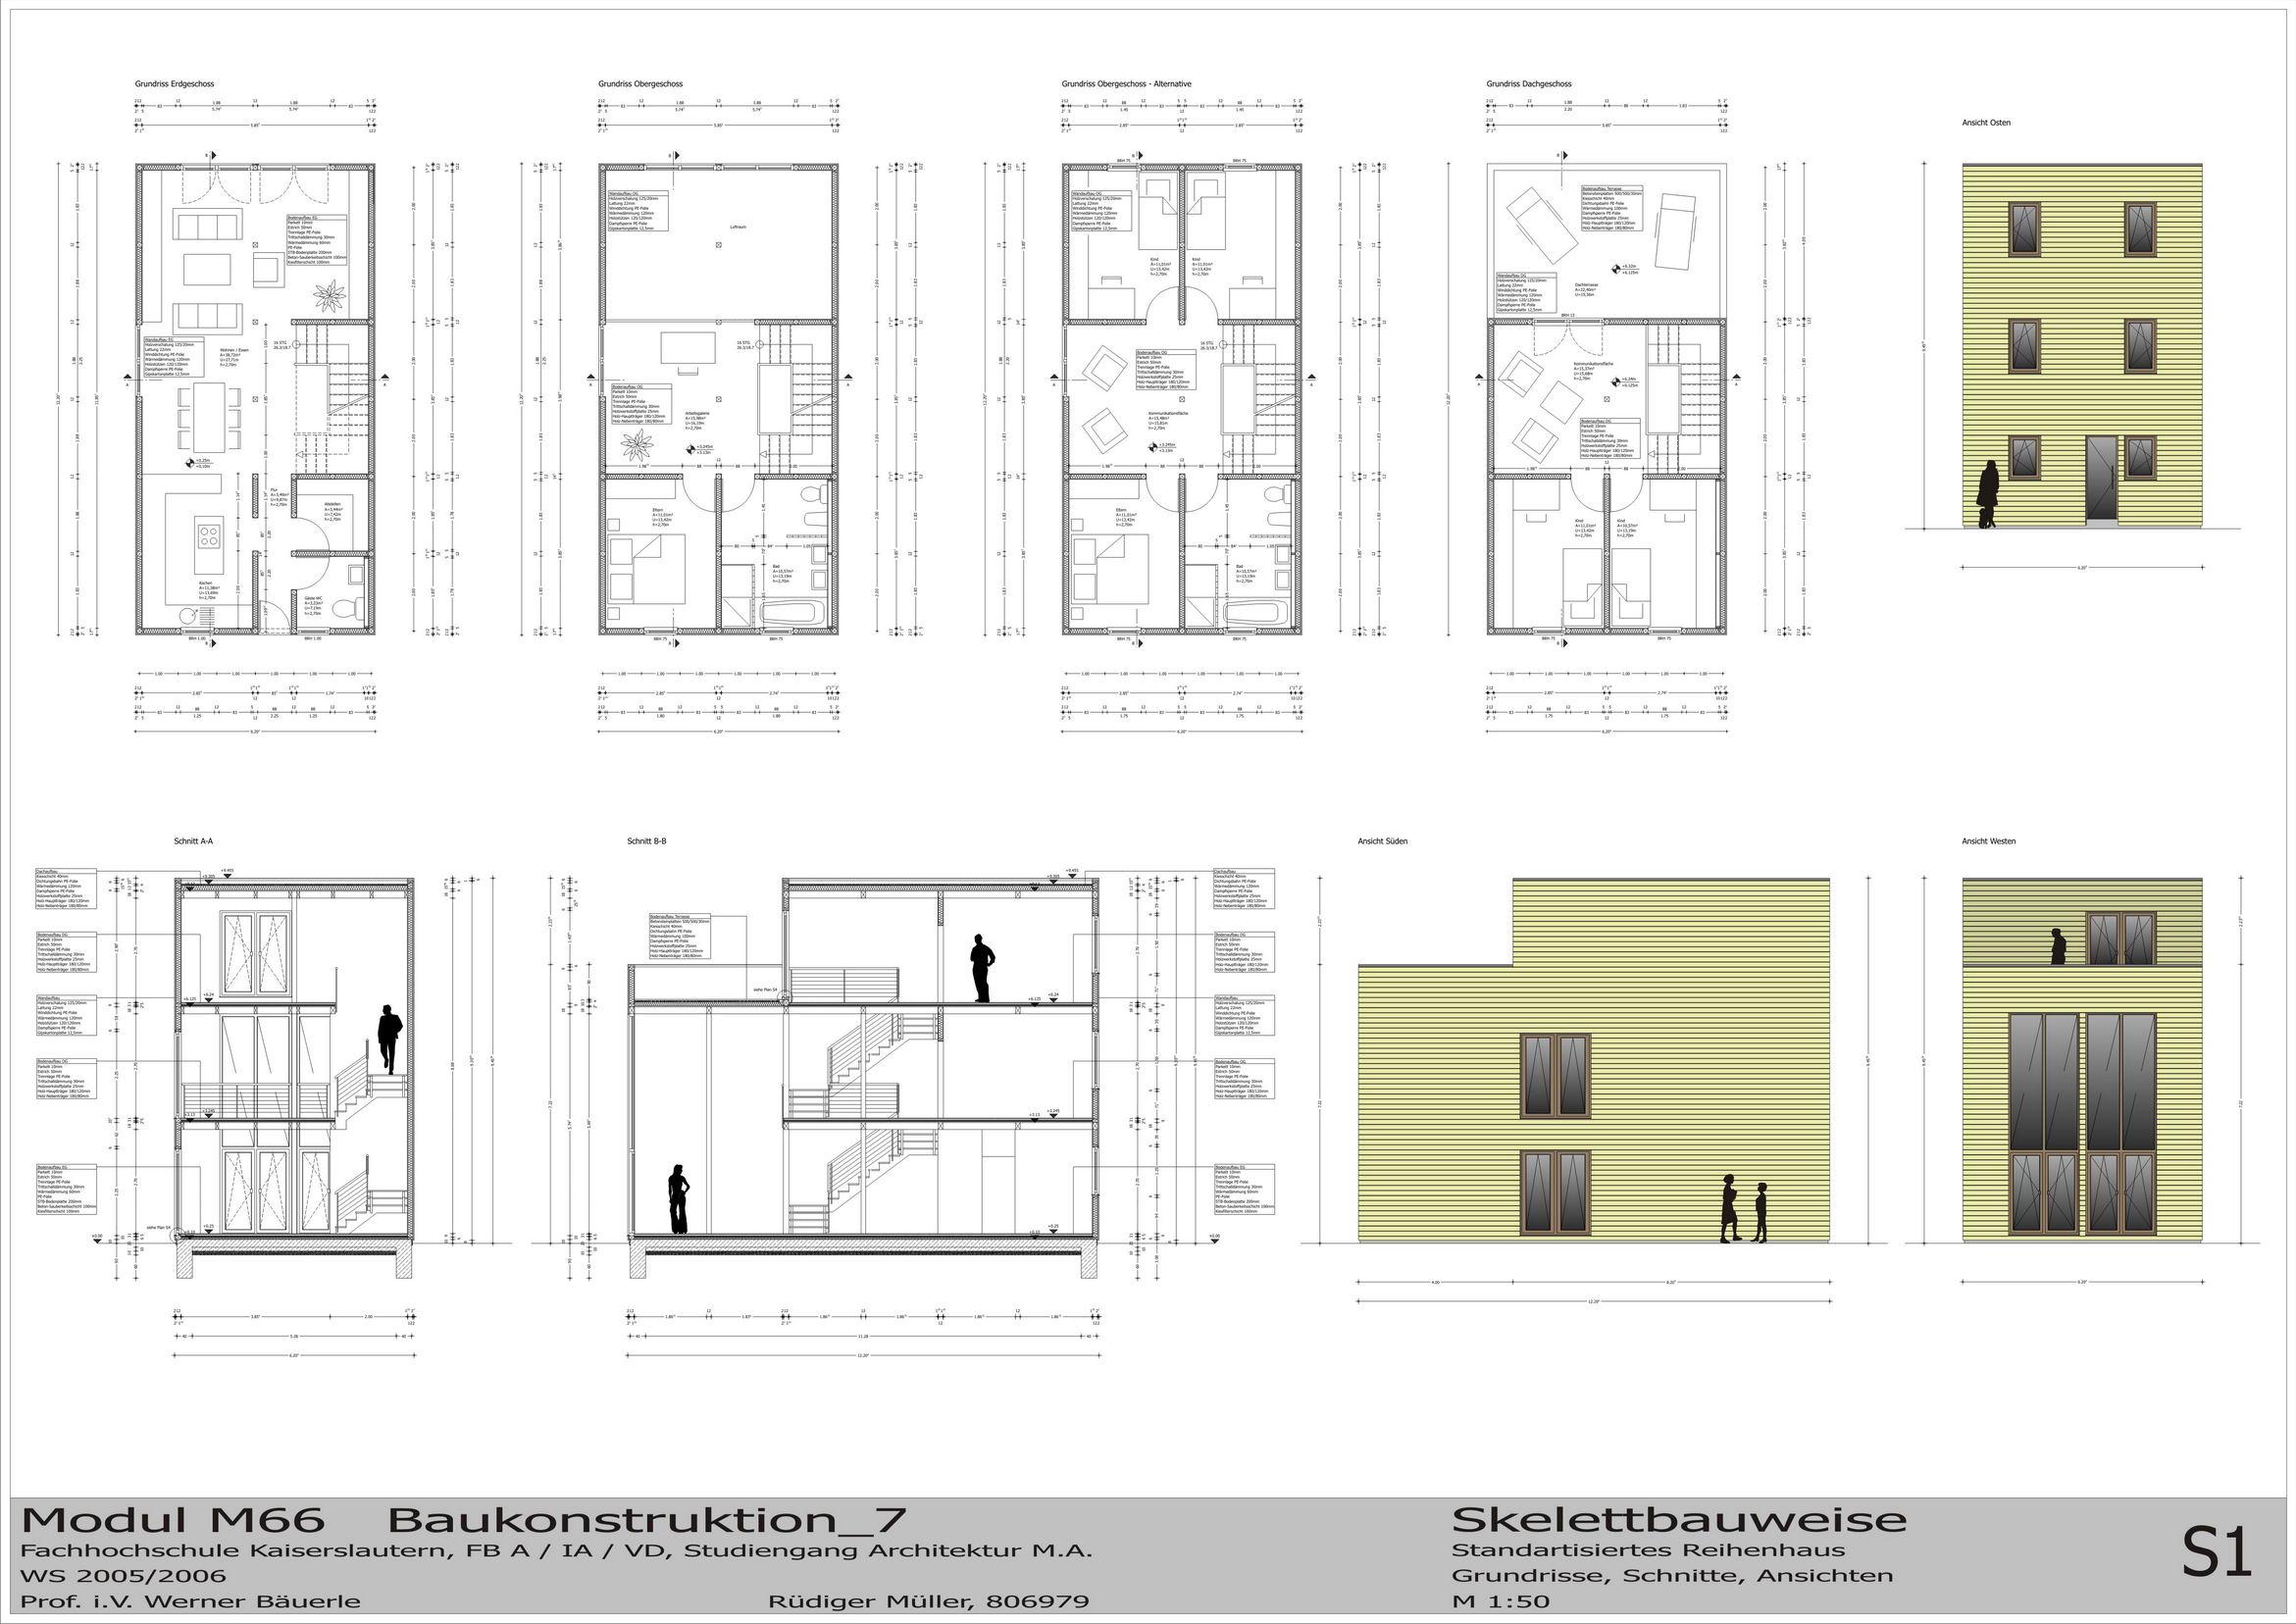 Dabei Sollten Drei Varianten Erstellt Werden, Für Skelett , Rahmen  Und  Massivbauweise Und Zusätzlich Ein Plan Für Verschiedene Fassaden   Bekleidungen.